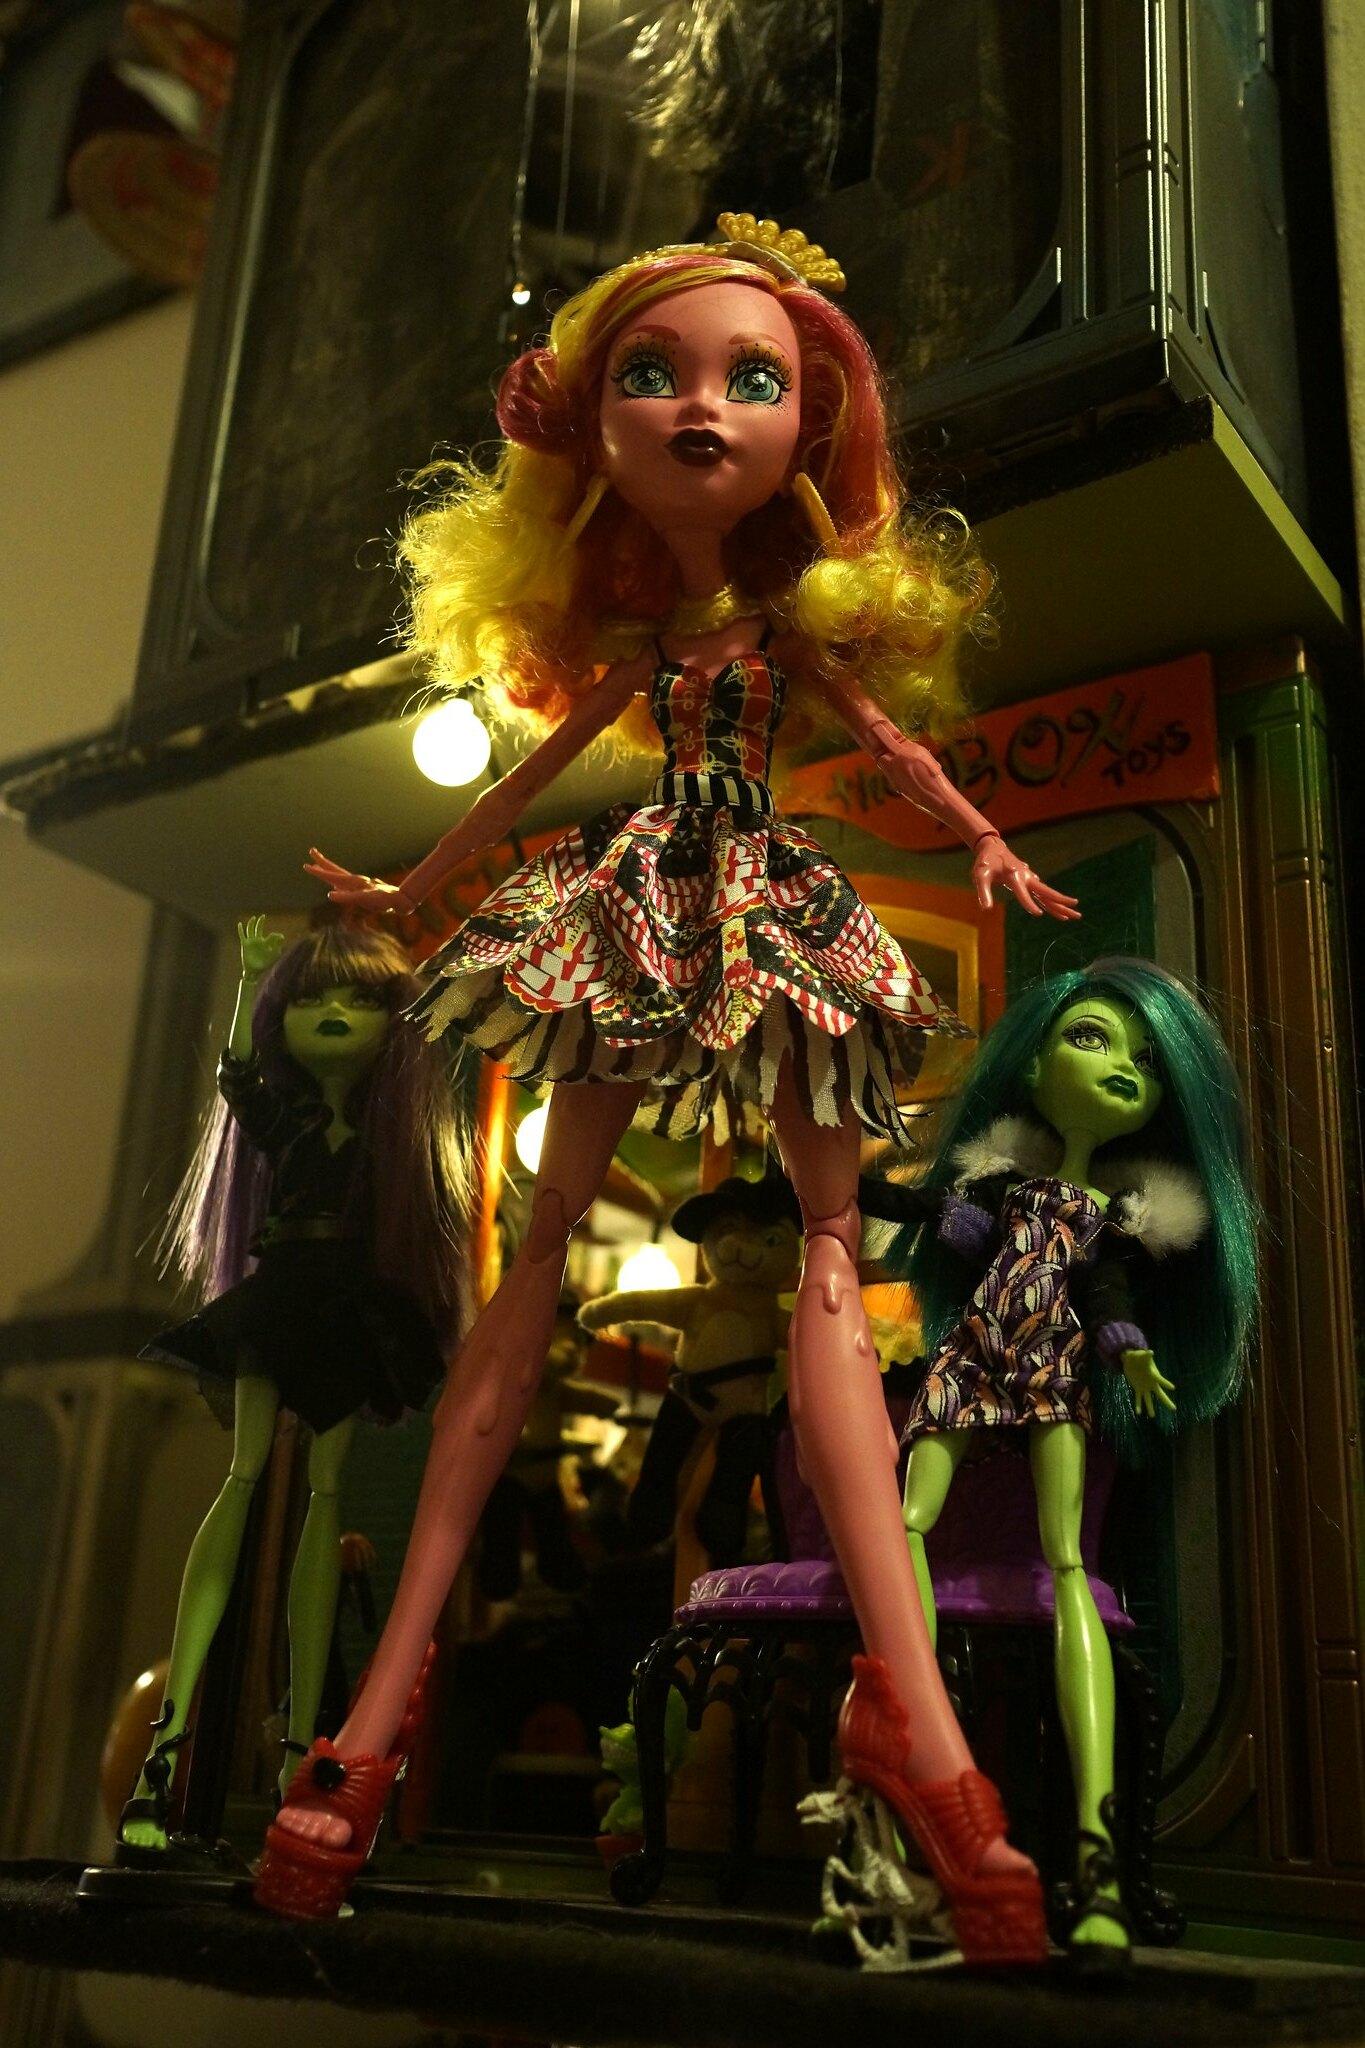 Mattelin Monster High - Sivu 11 23580903939_6e1b6a6ee8_k